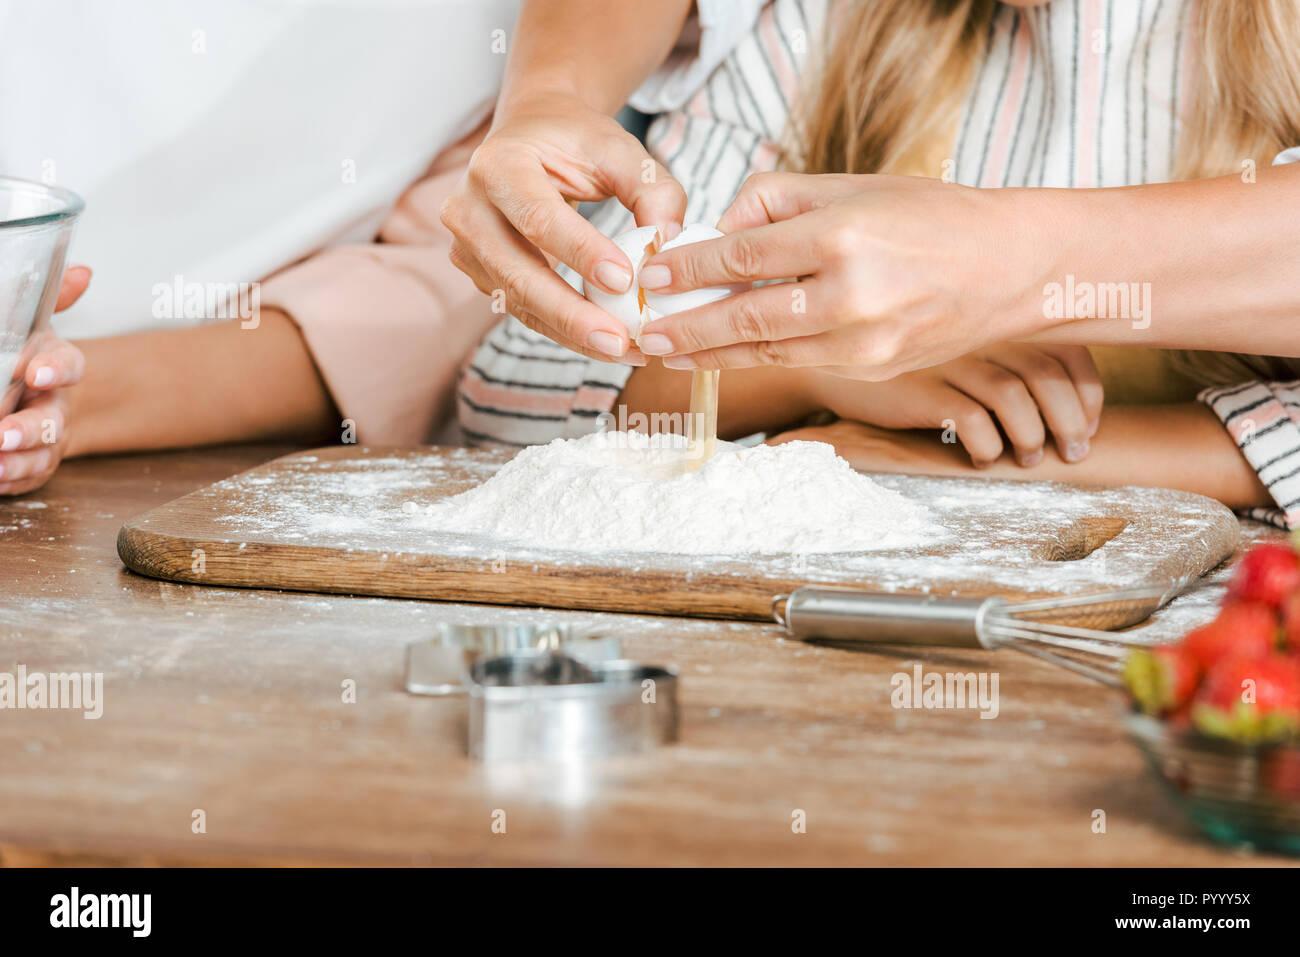 Captura recortada de niños y mujeres, romper el huevo en la harina de masa sobre mesa rústica Imagen De Stock